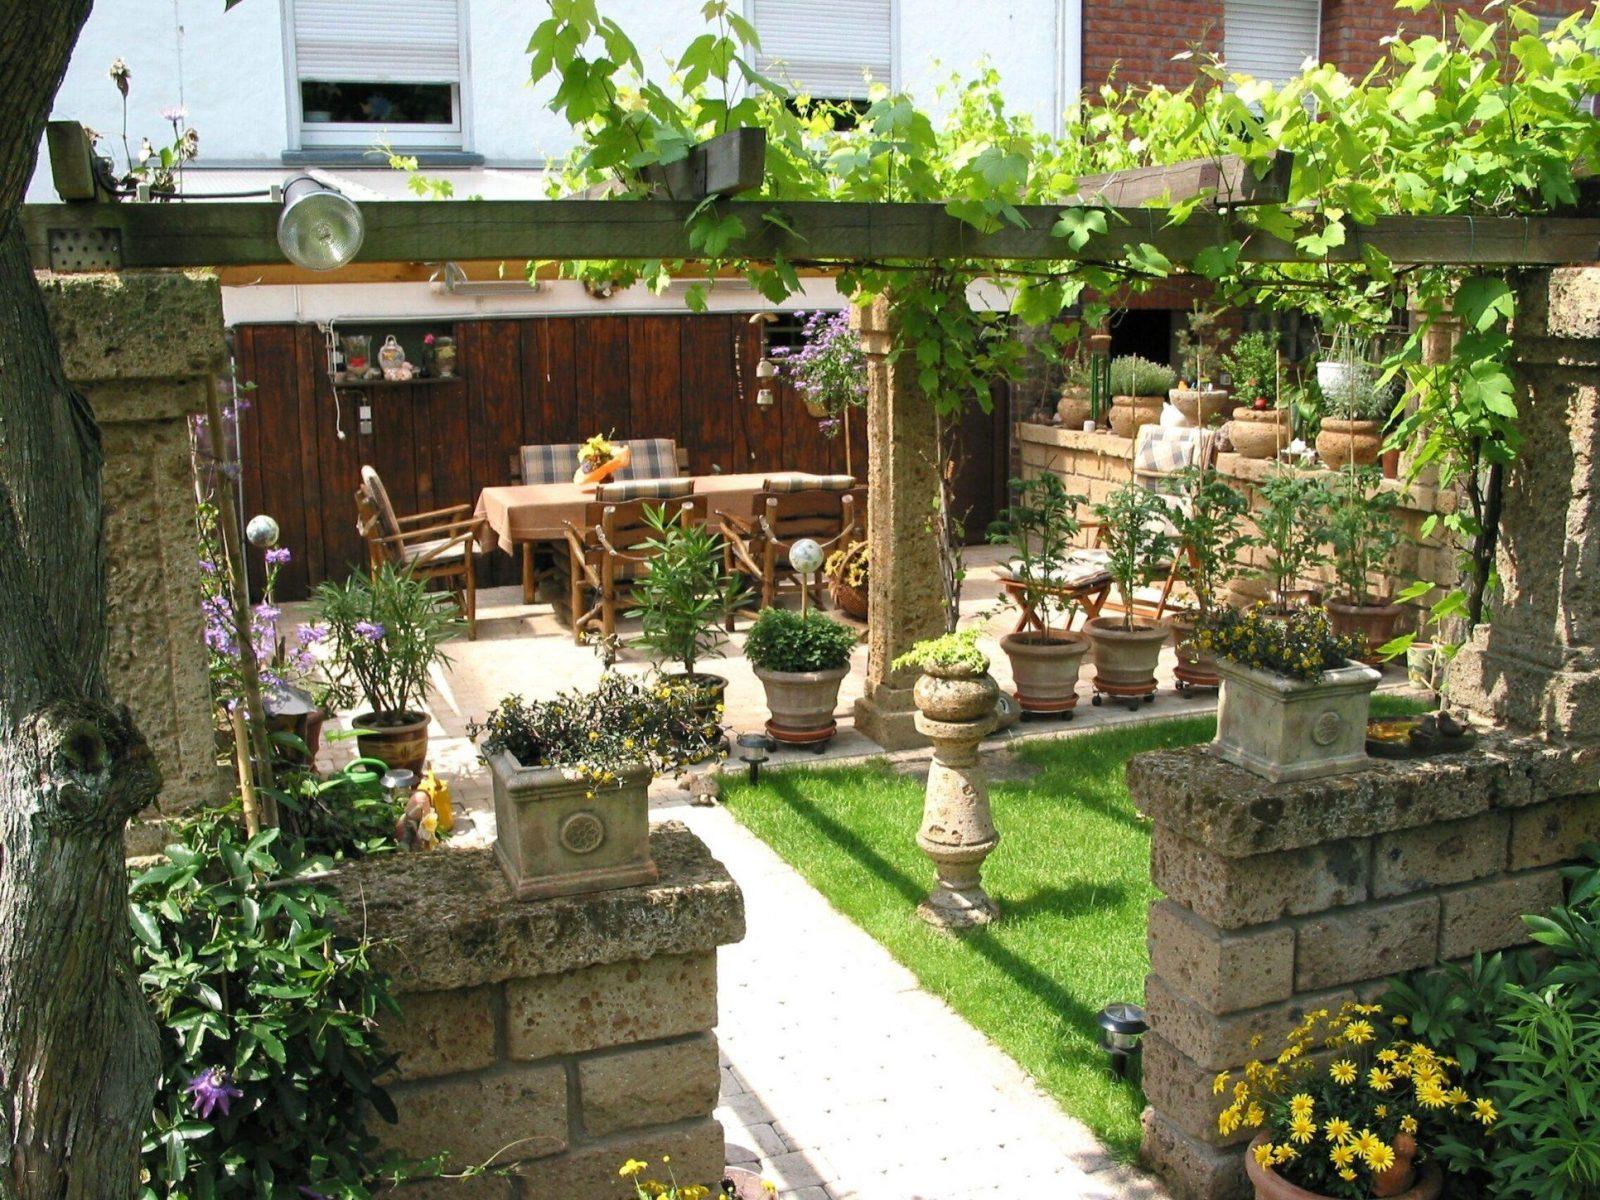 Kleine Gärten Gestalten Ohne Rasen Luxus Stunning Neue Ideen Für Den von Kleine Gärten Gestalten Ohne Rasen Photo